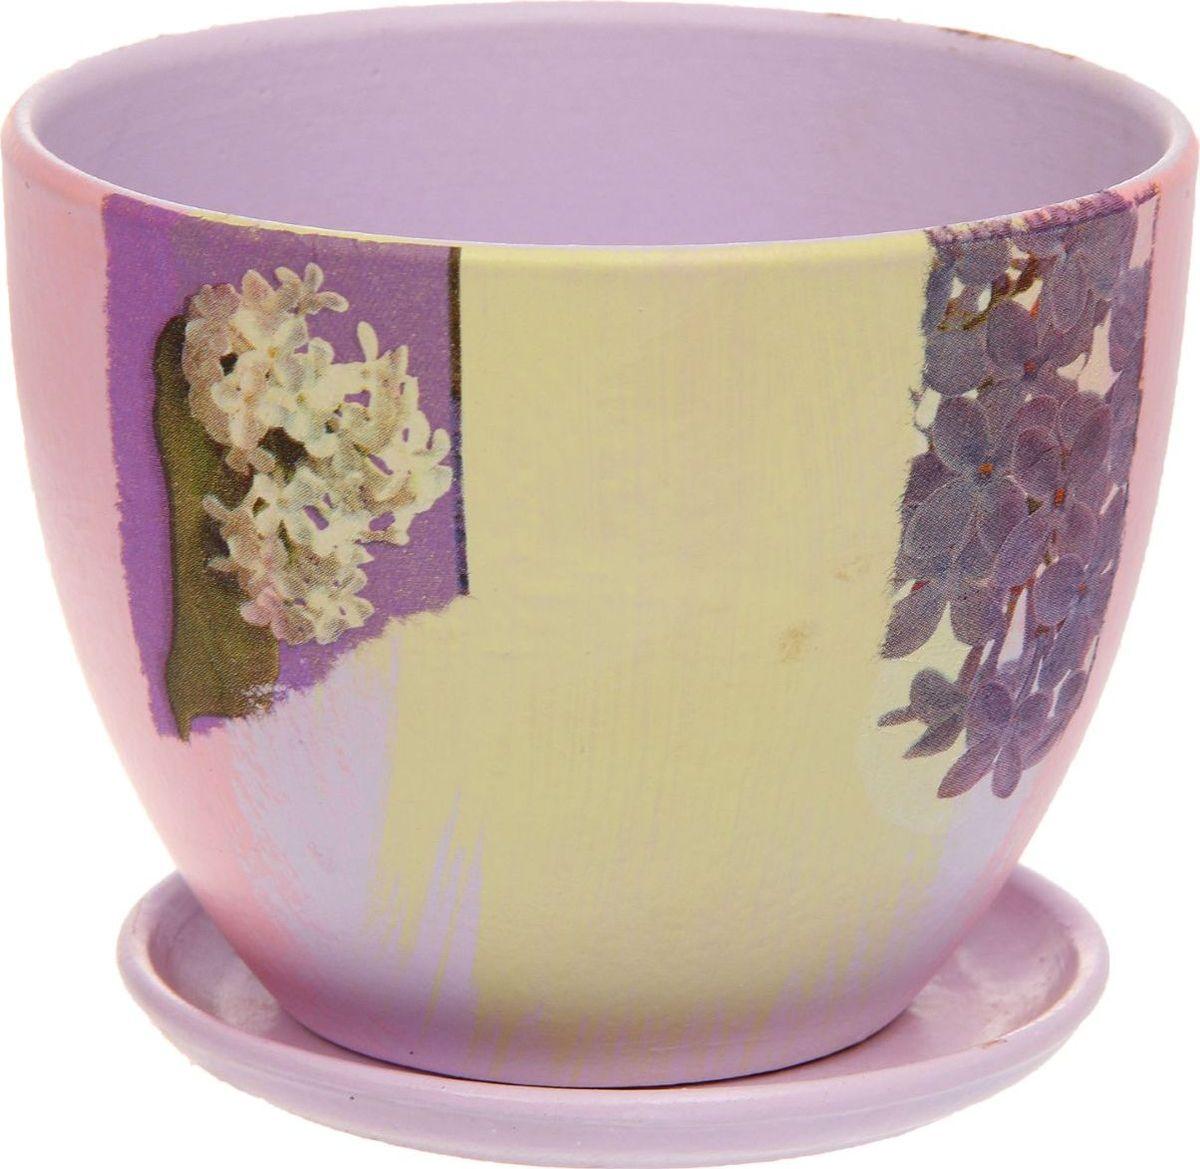 Кашпо Сирень, 1,1 л1138704Комнатные растения — всеобщие любимцы. Они радуют глаз, насыщают помещение кислородом и украшают пространство. Каждому из них необходим свой удобный и красивый дом. Кашпо из керамики прекрасно подходят для высадки растений: за счёт пластичности глины и разных способов обработки существует великое множество форм и дизайновпористый материал позволяет испаряться лишней влагевоздух, необходимый для дыхания корней, проникает сквозь керамические стенки! #name# позаботится о зелёном питомце, освежит интерьер и подчеркнёт его стиль.